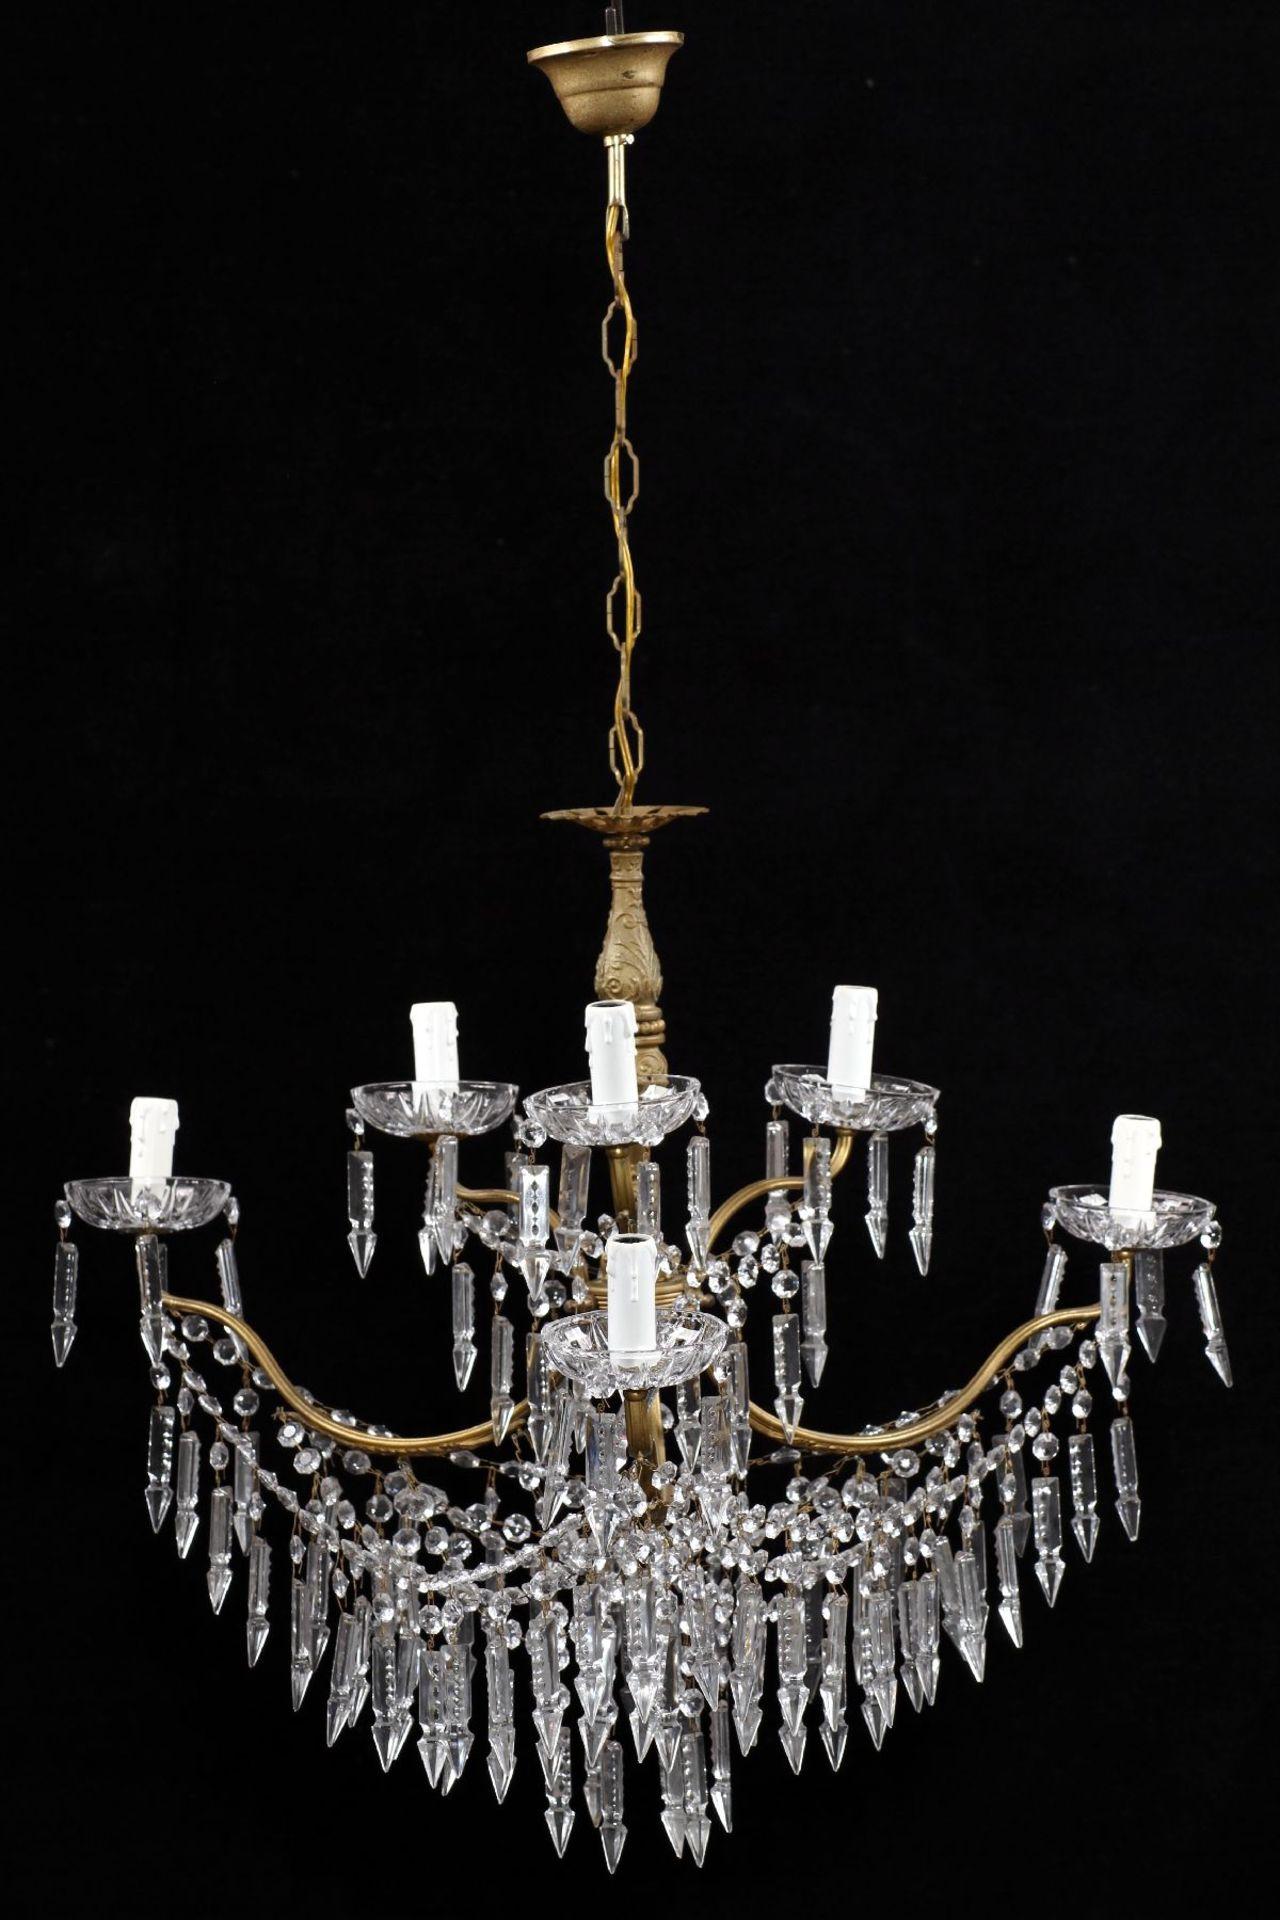 Kristallleuchter, Metallkorpus mit floralen Verzierungen - Image 2 of 3